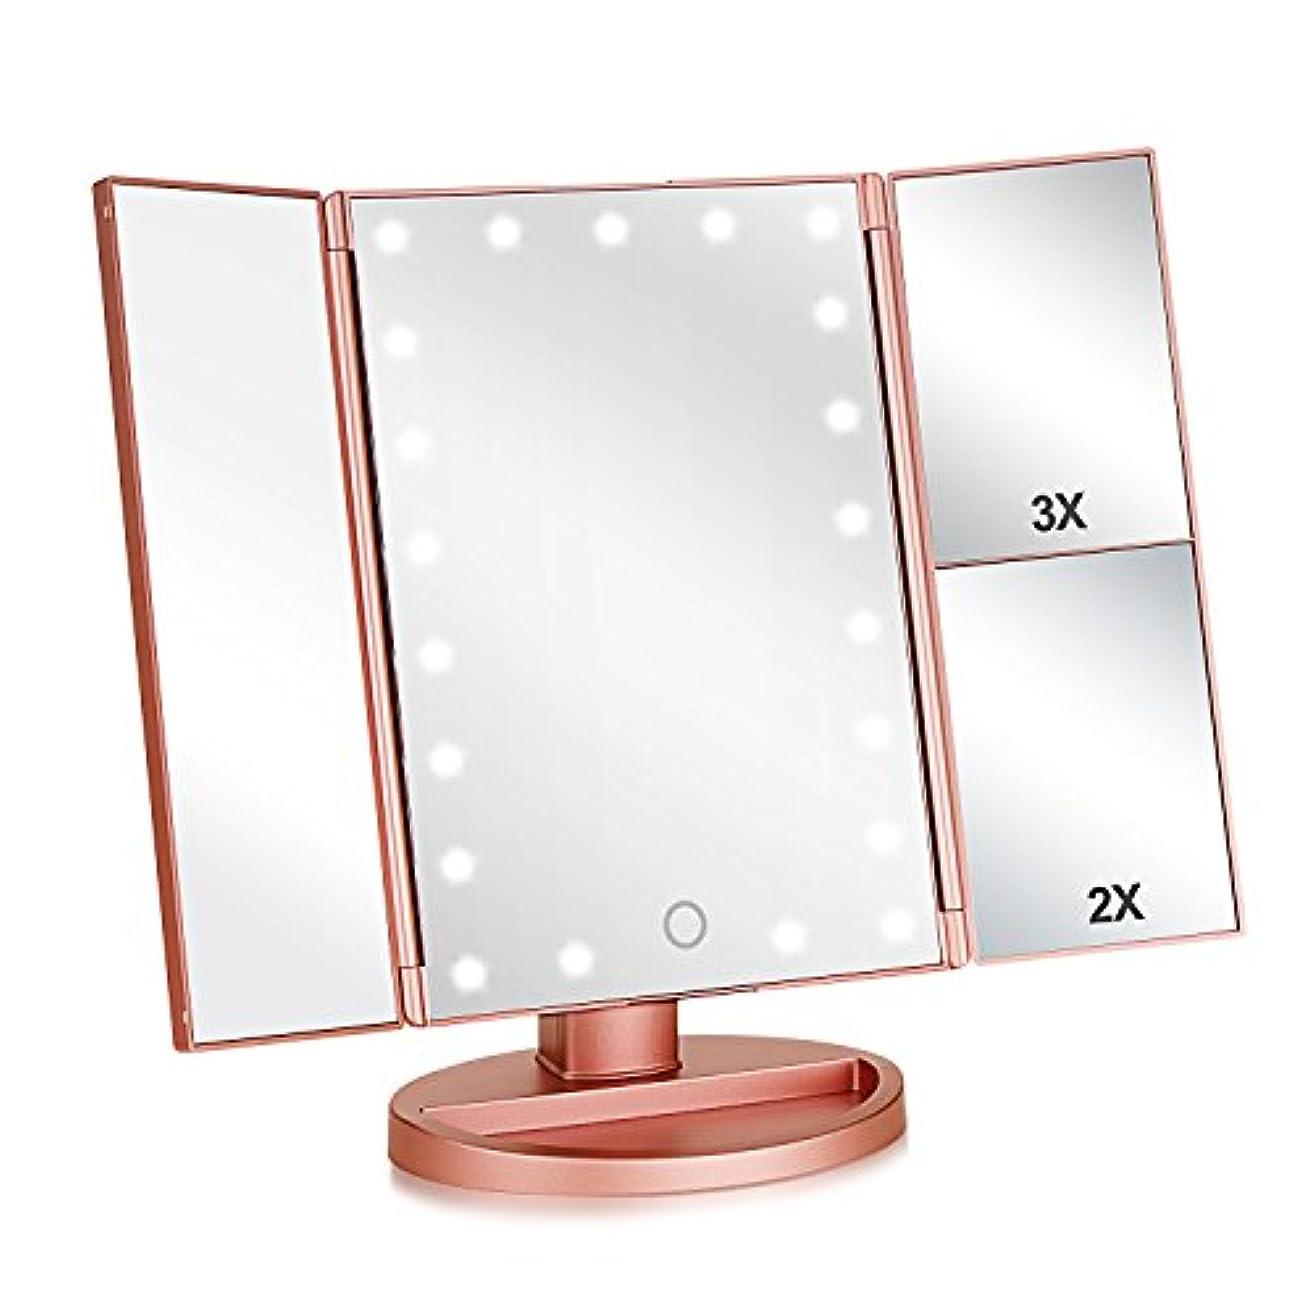 ポーズ早くほとんどないWudeweike 3倍/ 2倍/ 1倍 倍率21leds光とタッチスクリーン180度自由に回転カウンター化粧鏡トラベル化粧鏡と照明付き洗面化粧台化粧鏡を三つ折り ローズゴールド